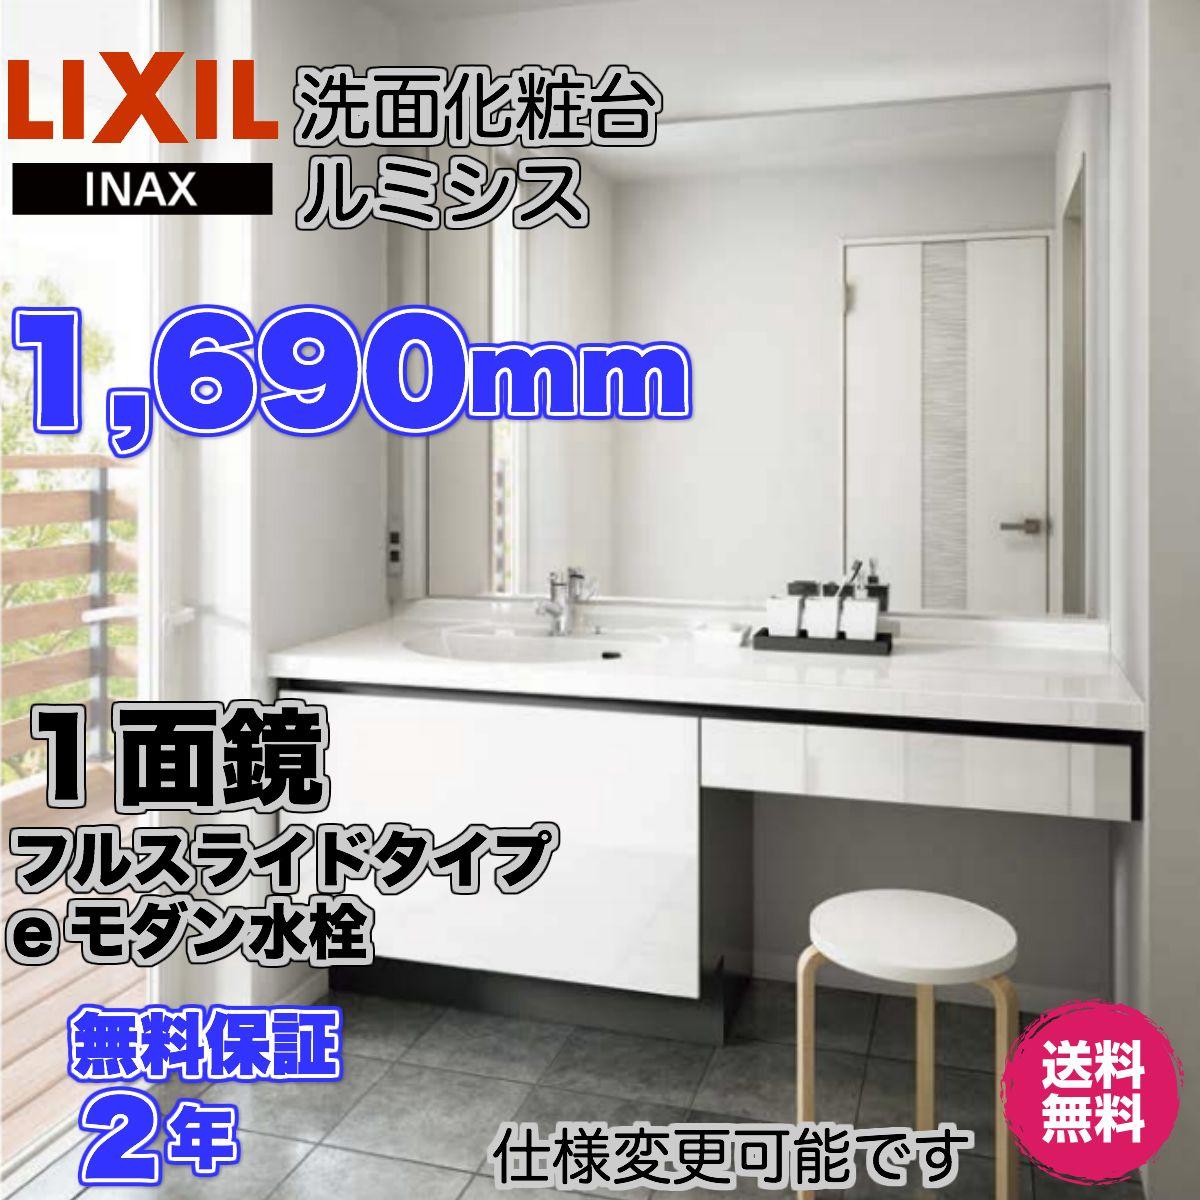 楽天市場 リクシル ルミシス 洗面化粧台 1690mm幅 1面鏡 フル